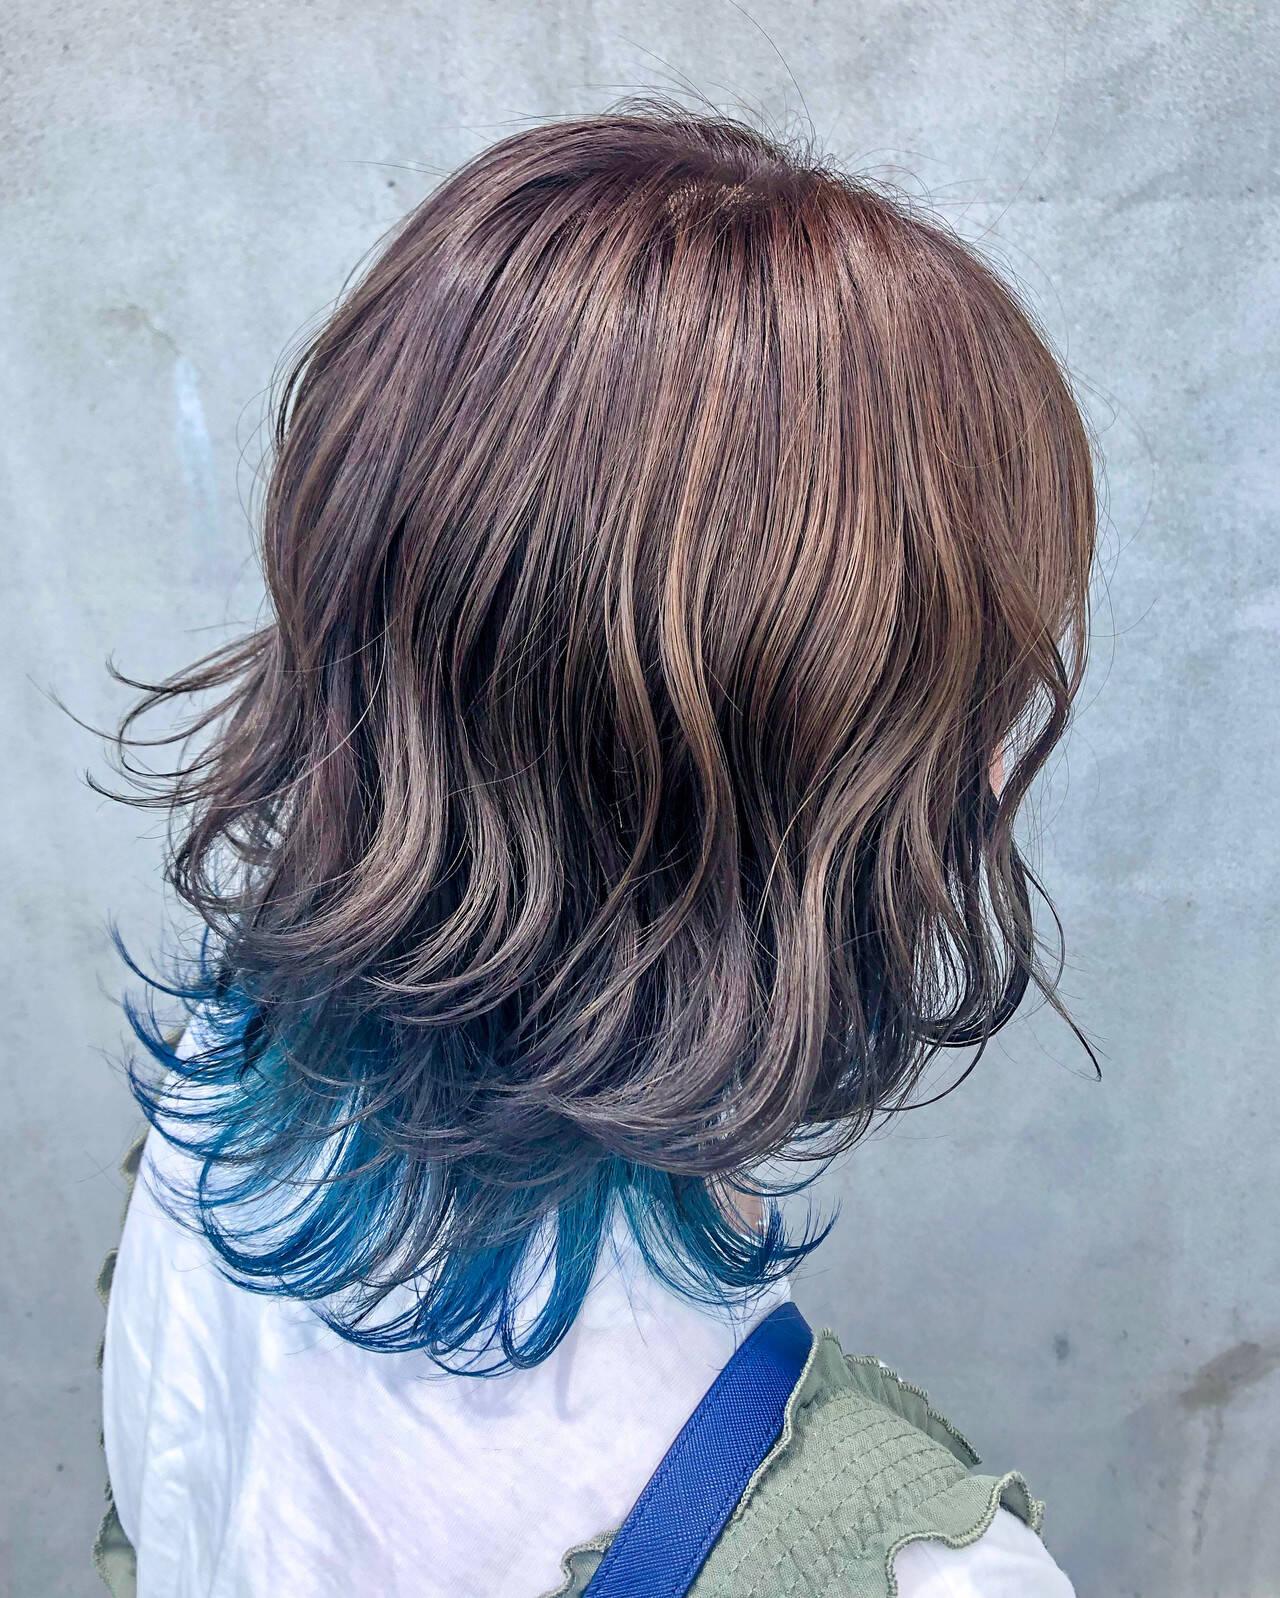 アッシュグレージュ ウルフカット ミディアム シルバーグレージュヘアスタイルや髪型の写真・画像